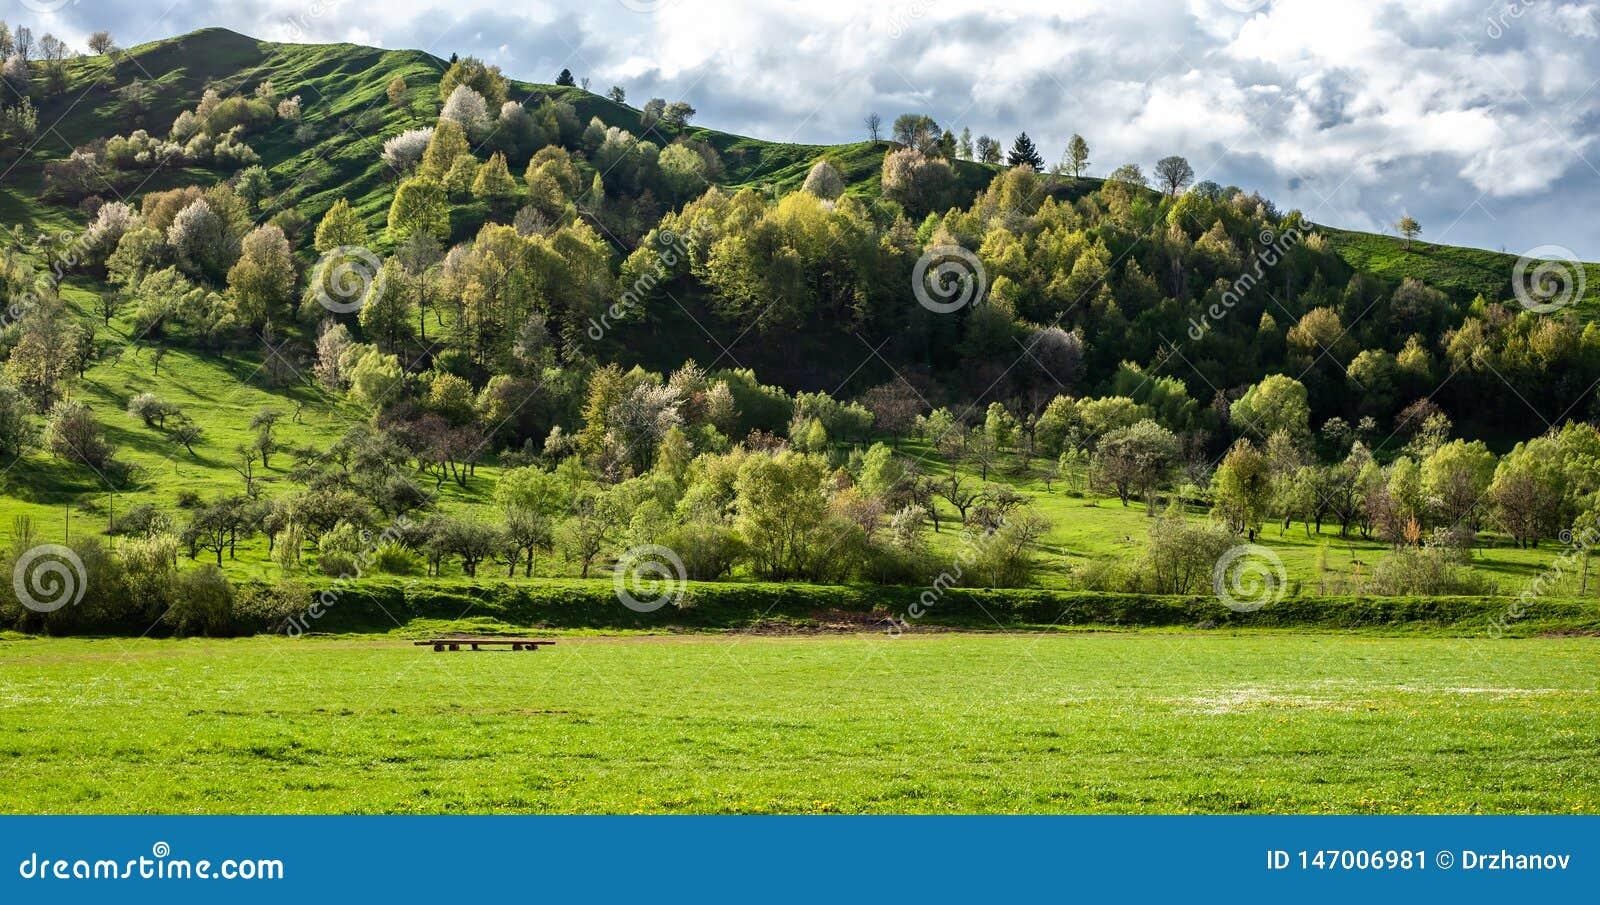 Καταπληκτικό πανοραμικό τοπίο με την πράσινους χλόη, τους λόφους και τα δέντρα, νεφελώδης ουρανός